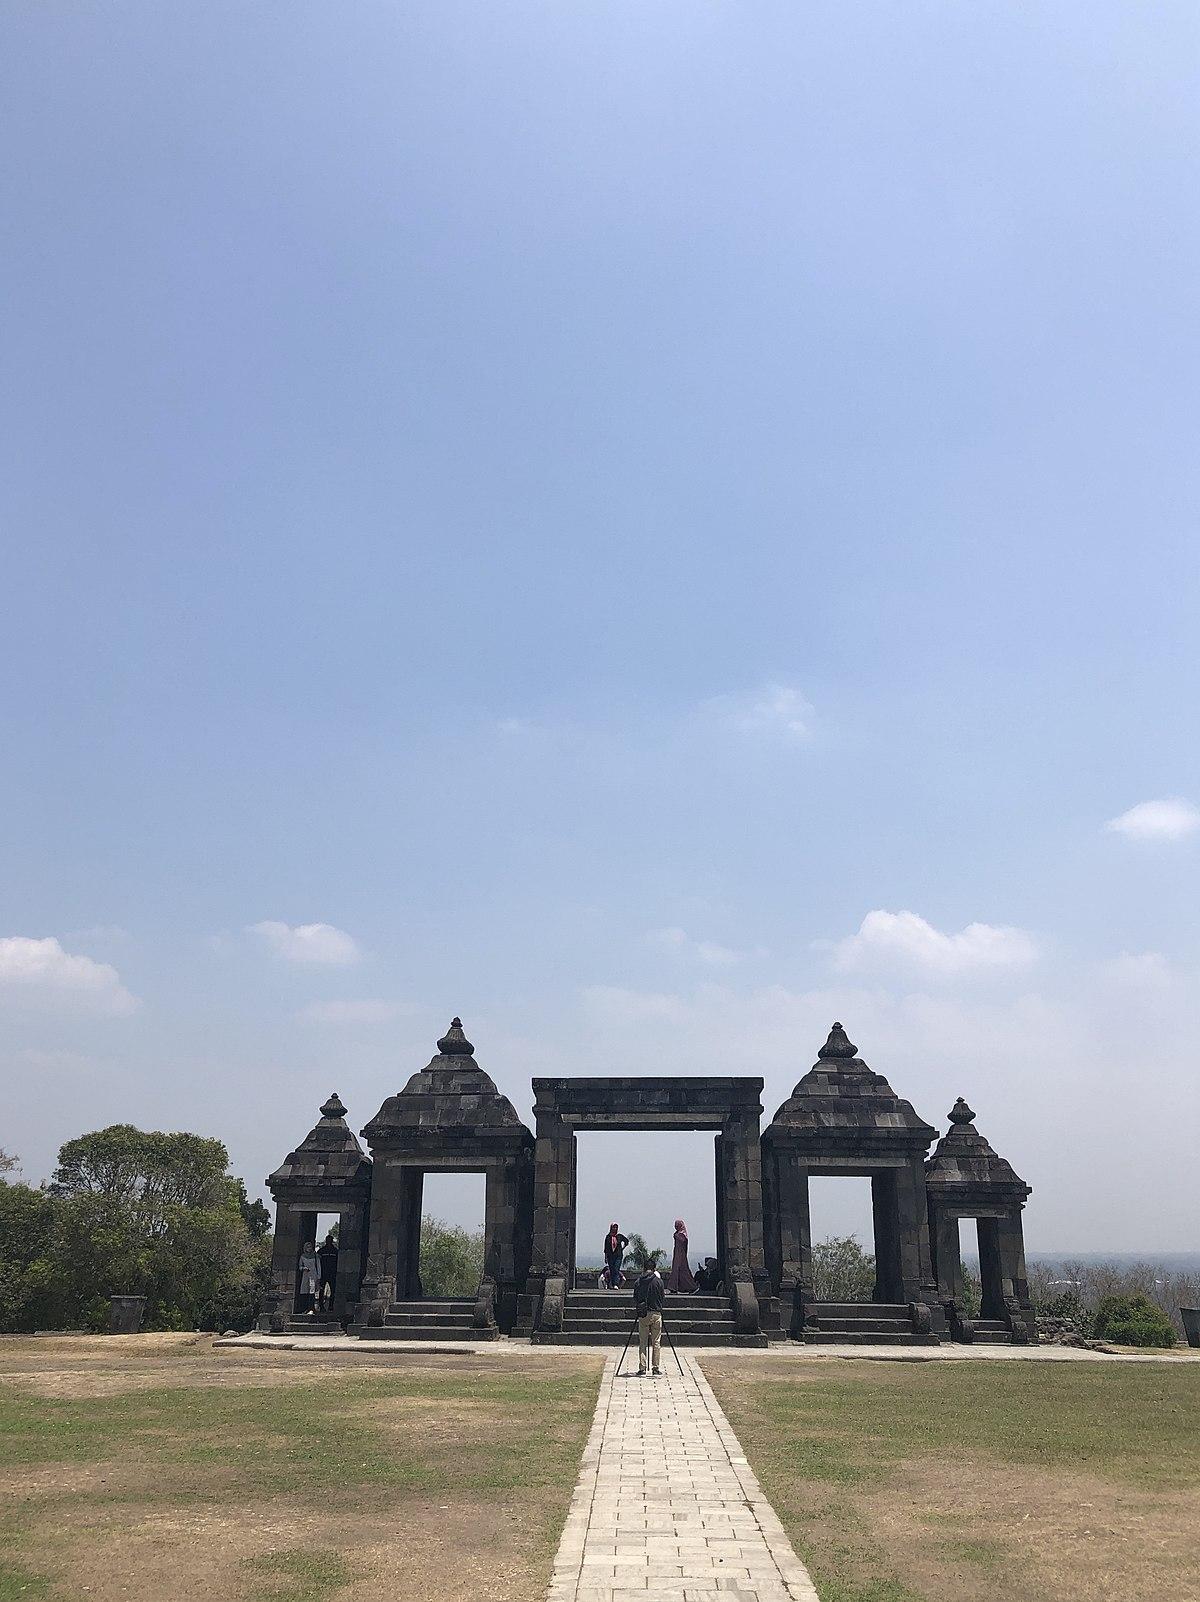 Situs Ratu Baka Bahasa Indonesia Ensiklopedia Bebas